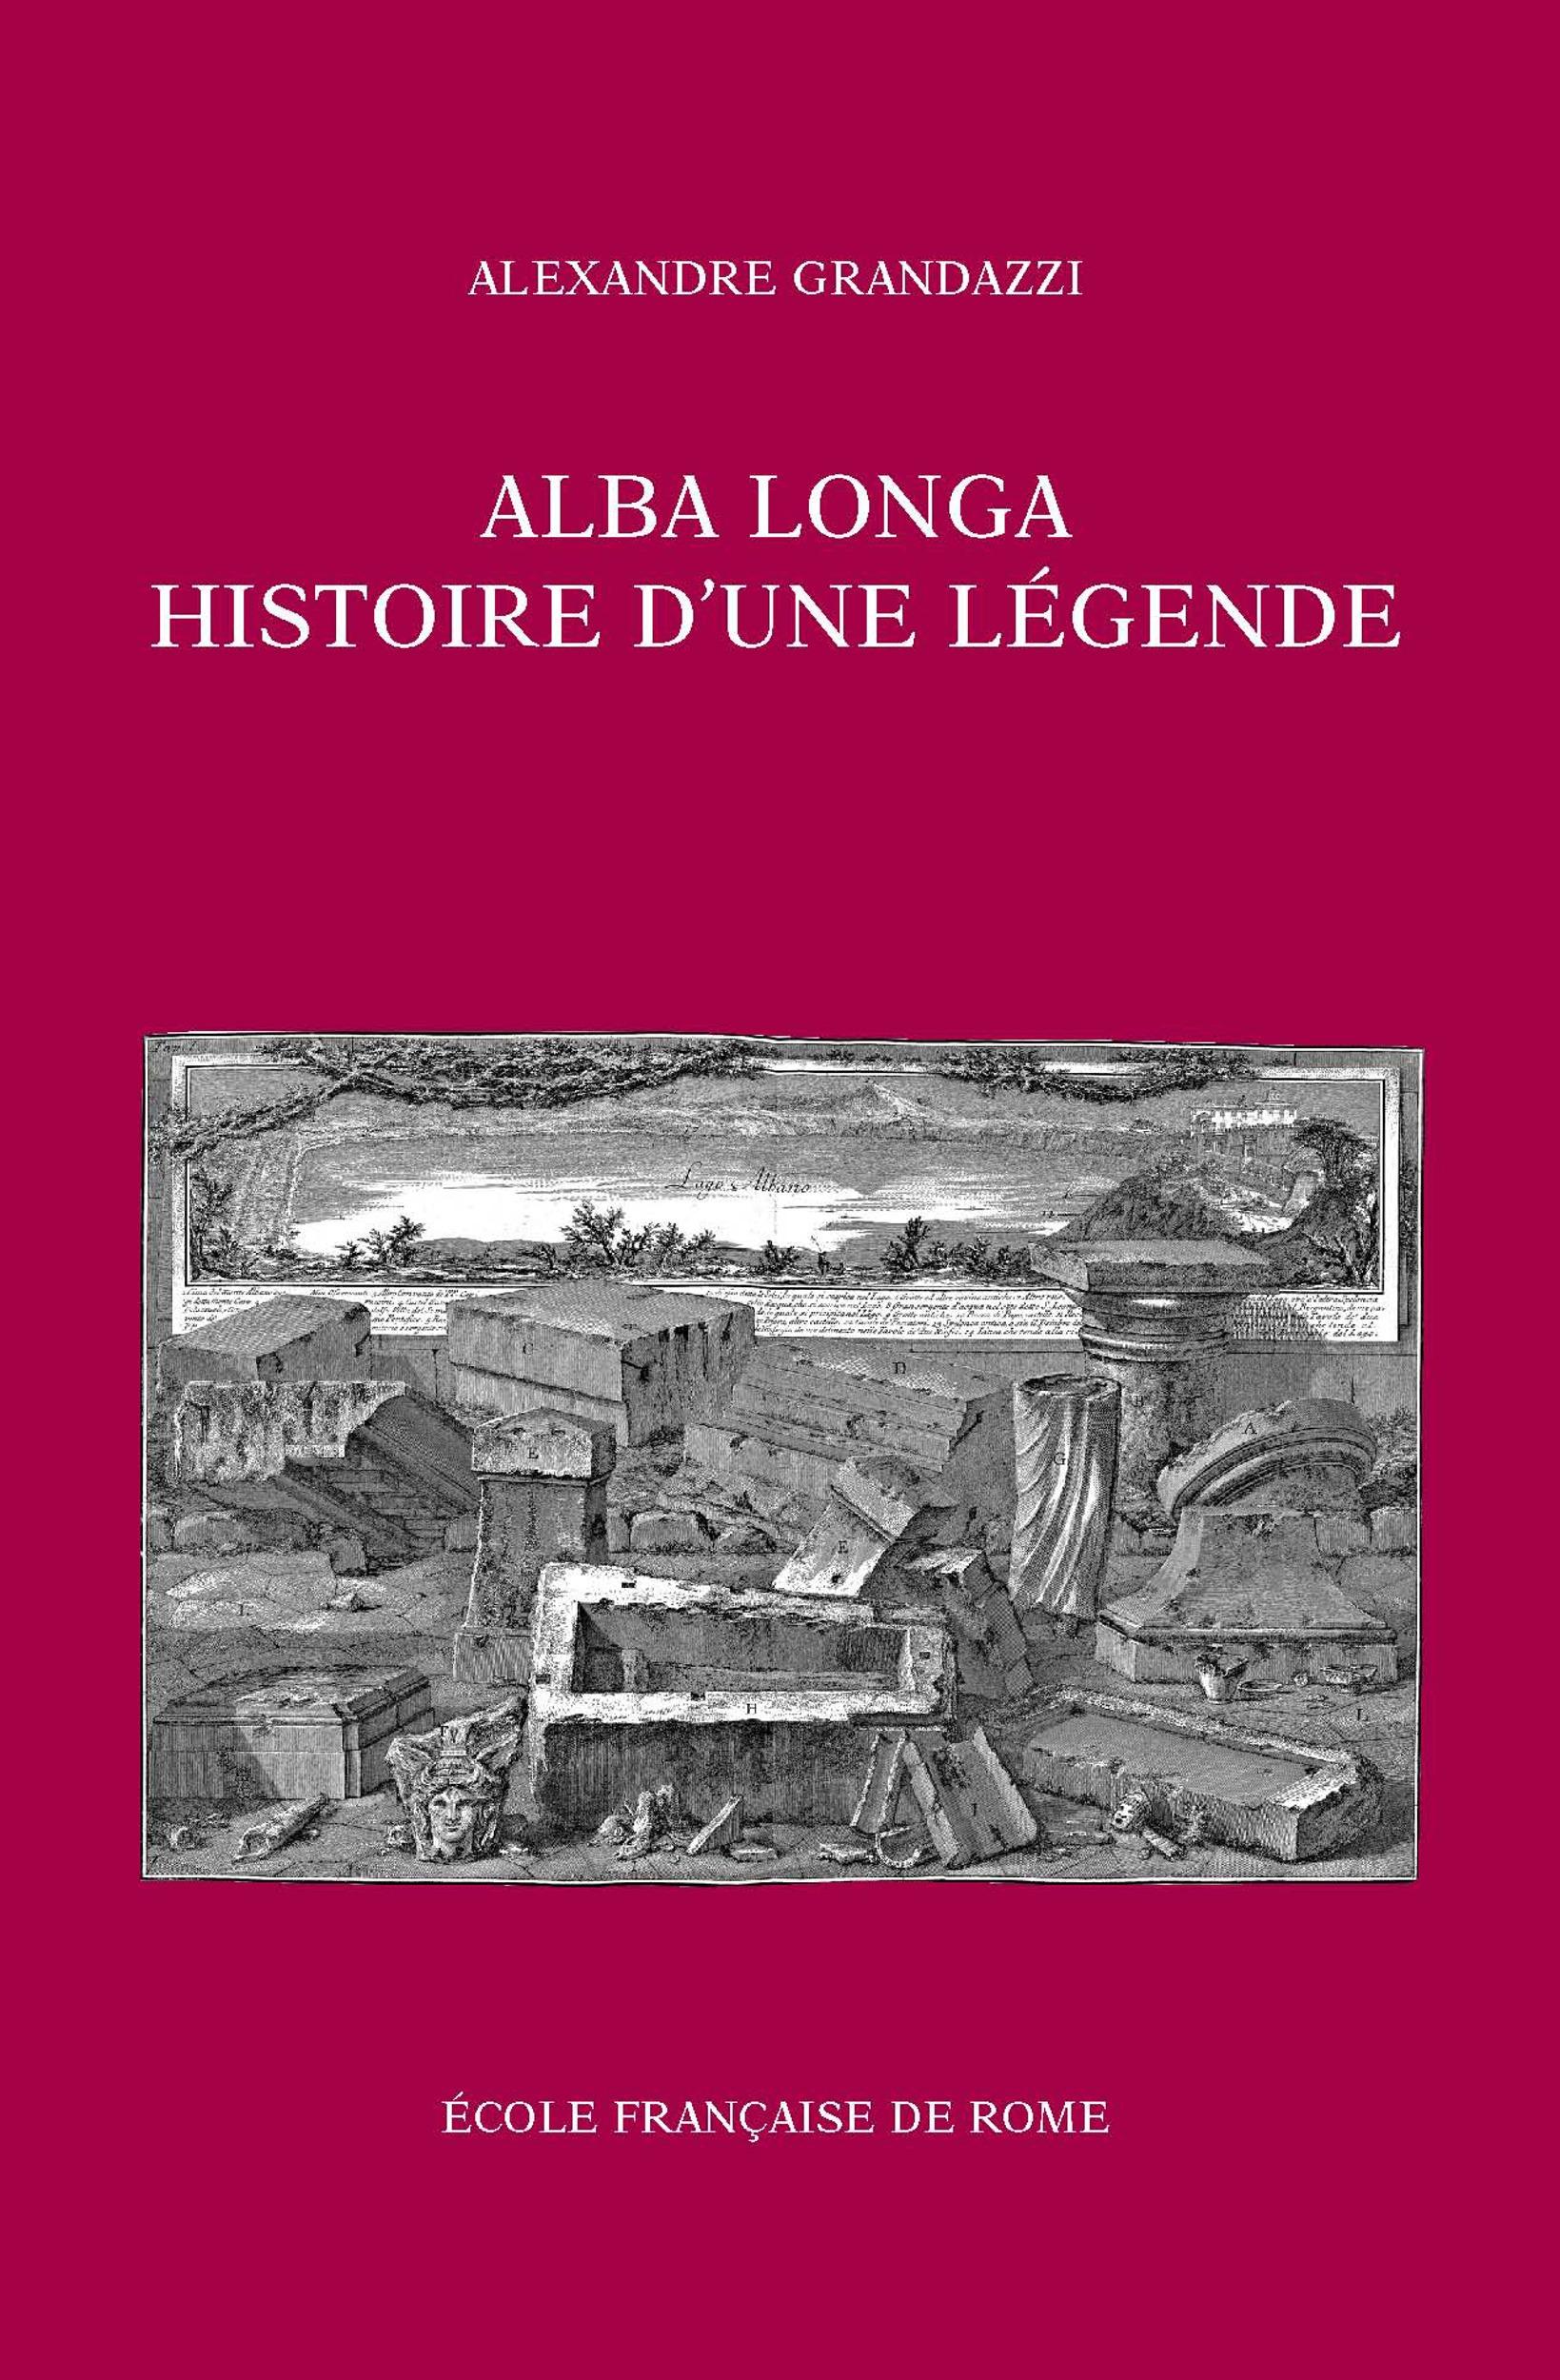 Alba Longa, histoire d´une légende